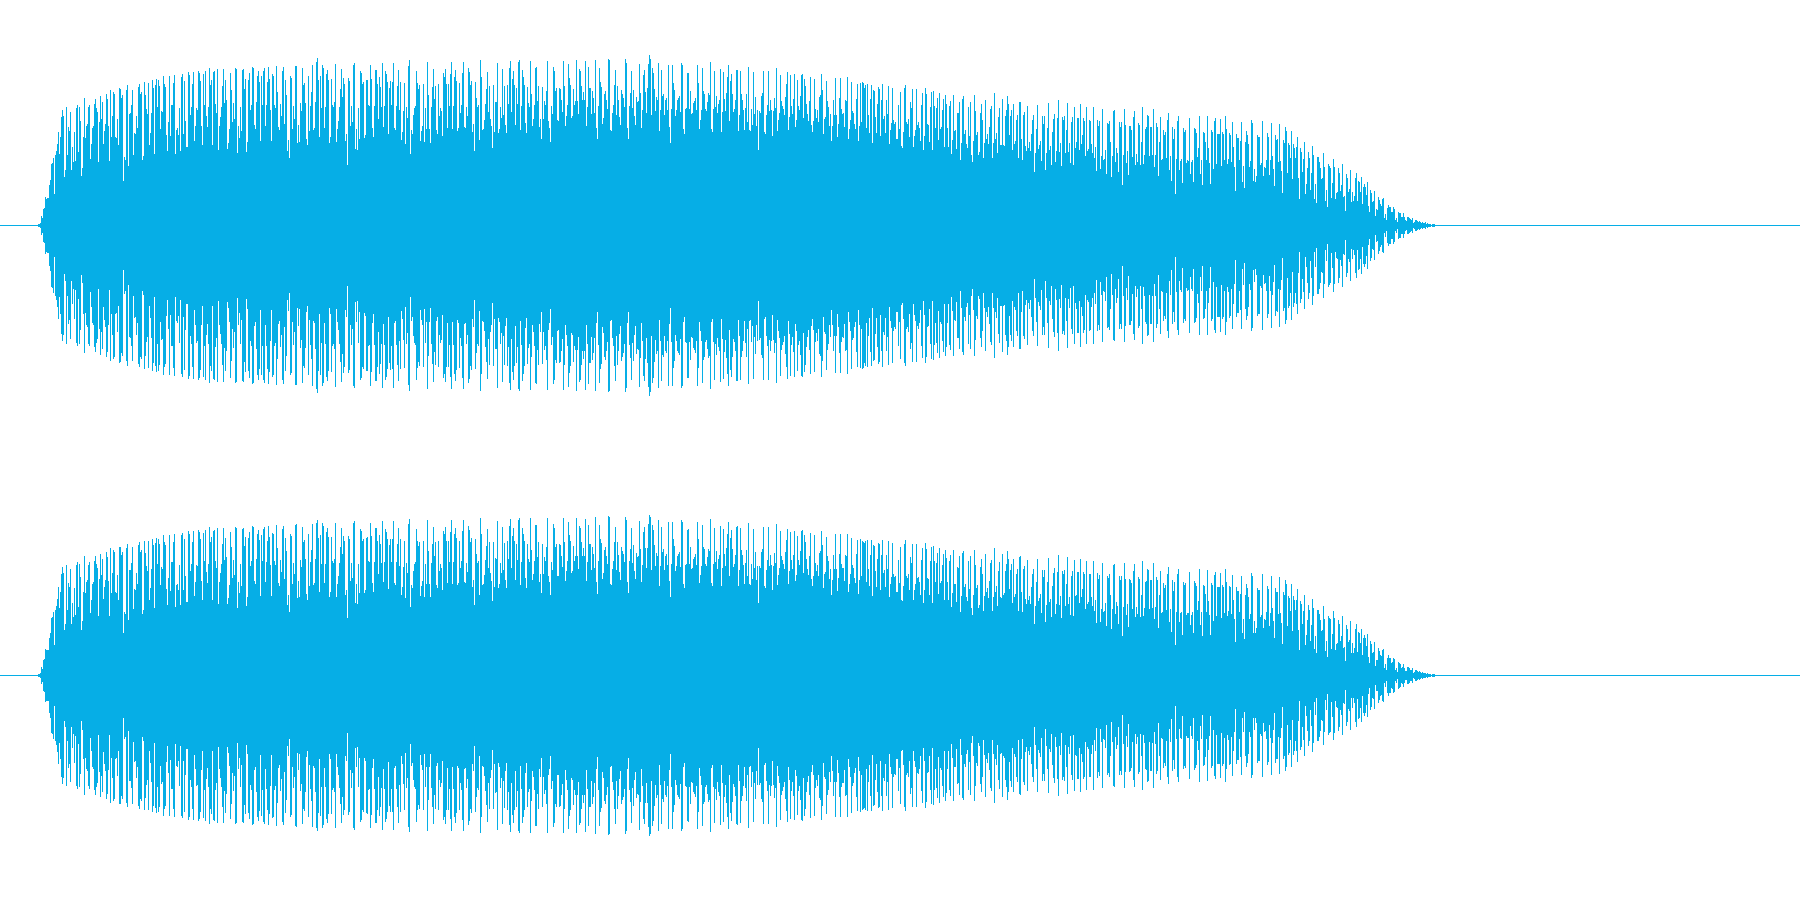 おぇ(不気味なモンスターの鳴き声)の再生済みの波形